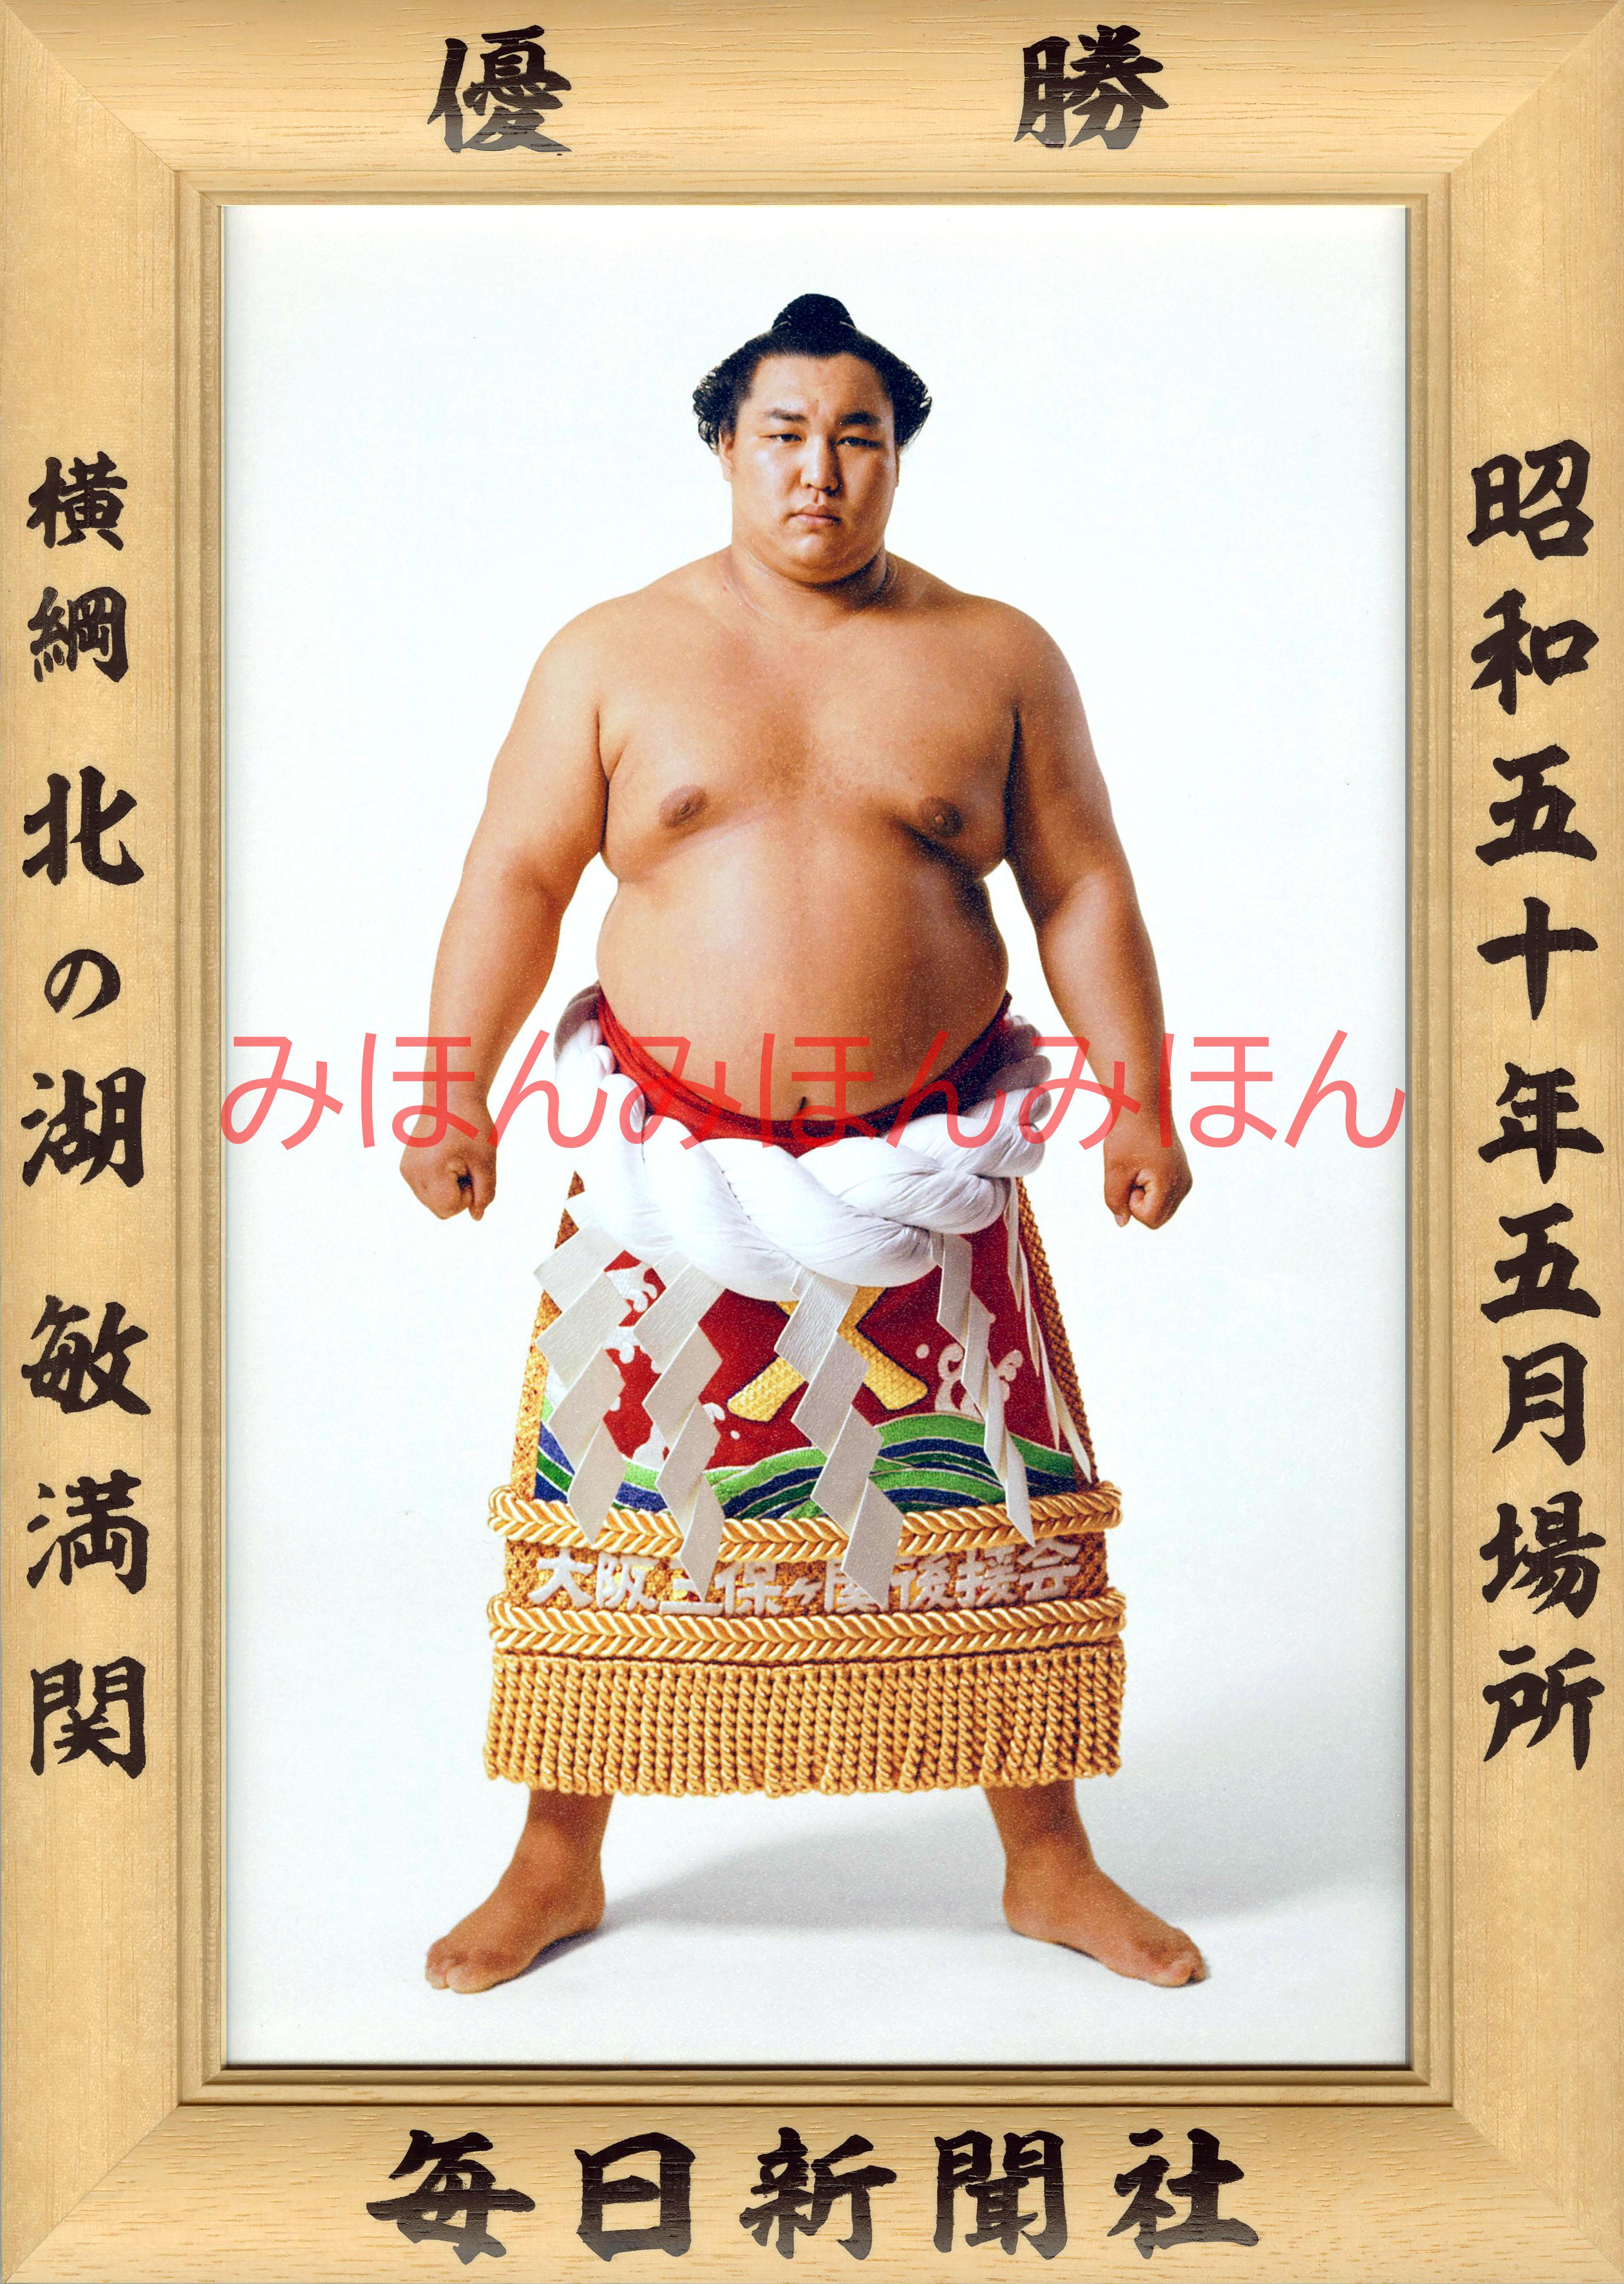 昭和50年5月場所優勝 横綱 北の湖敏満関(4回目の優勝)